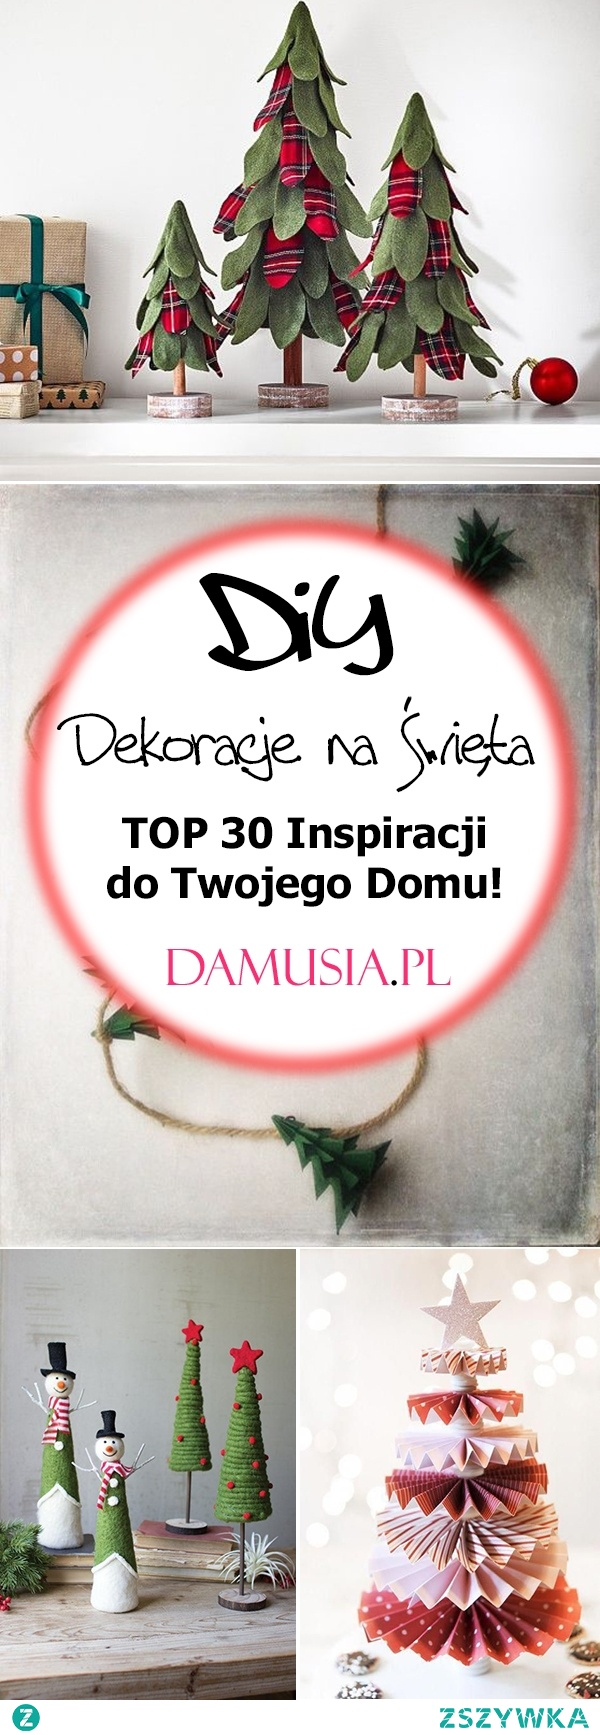 Świąteczne Dekoracje DIY – TOP 30 Inspiracji na Święta do Twojego Domu!